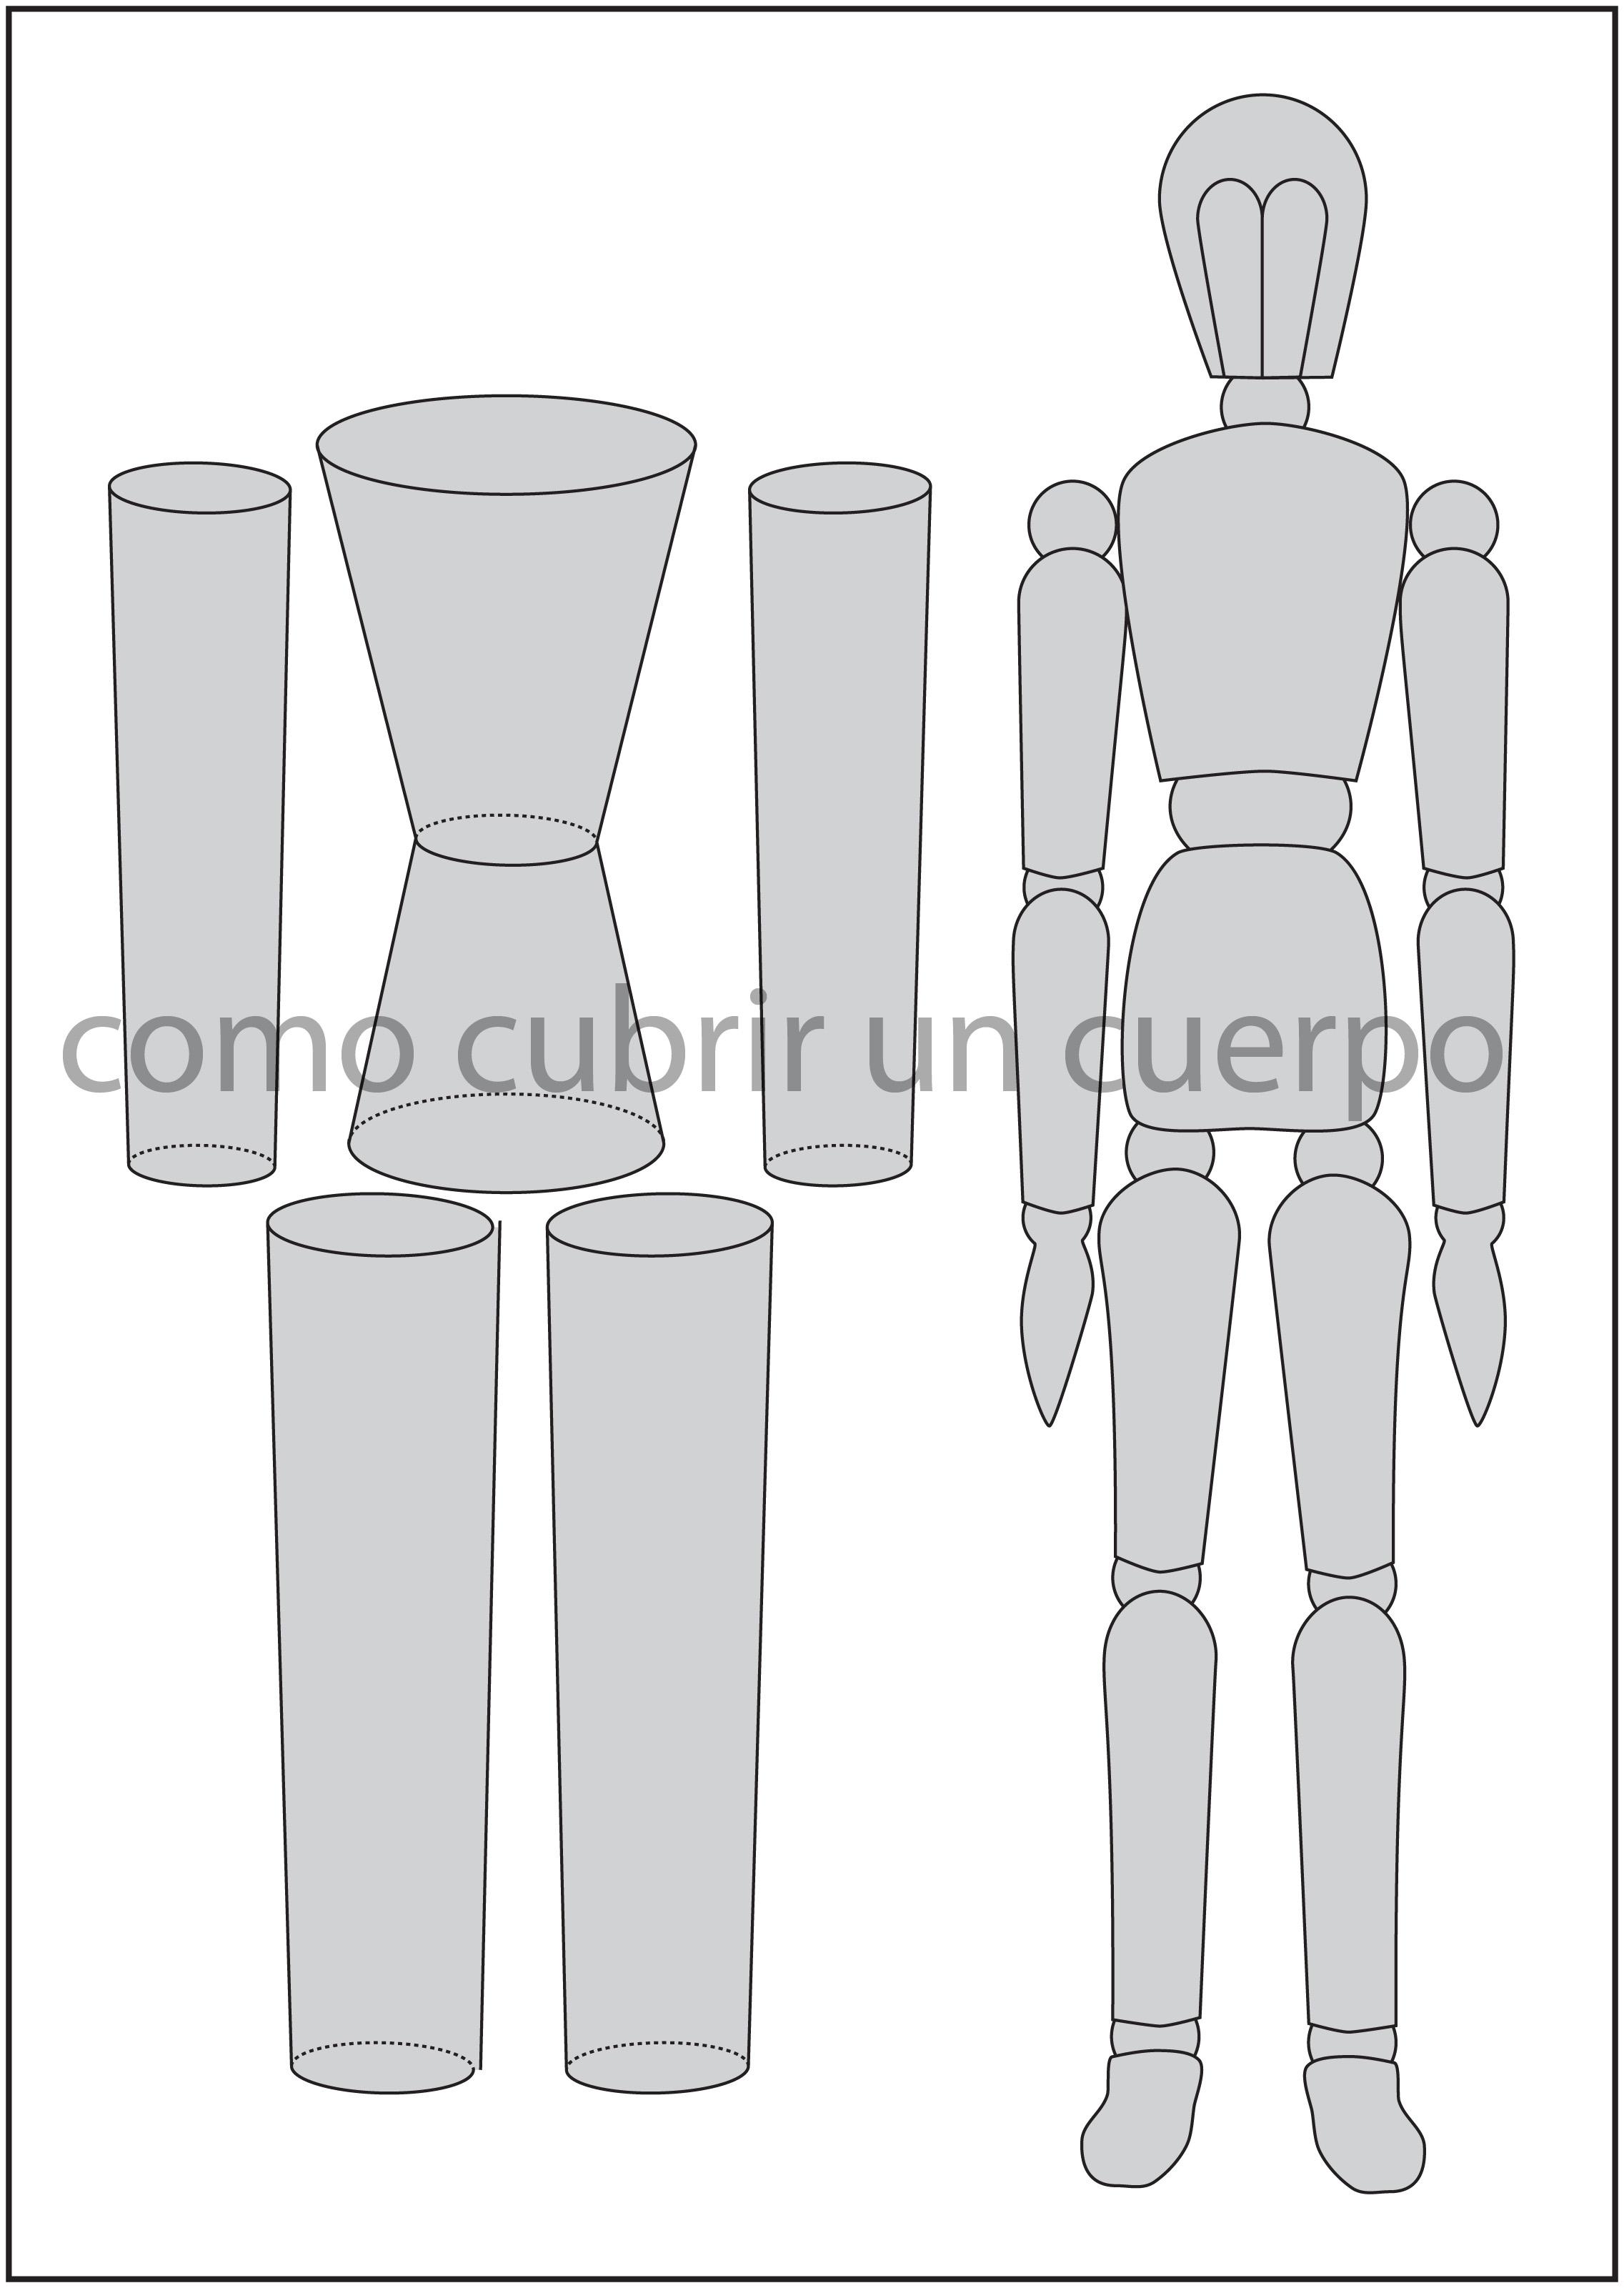 Formas geométricas (2) | Cómo cubrir un cuerpo